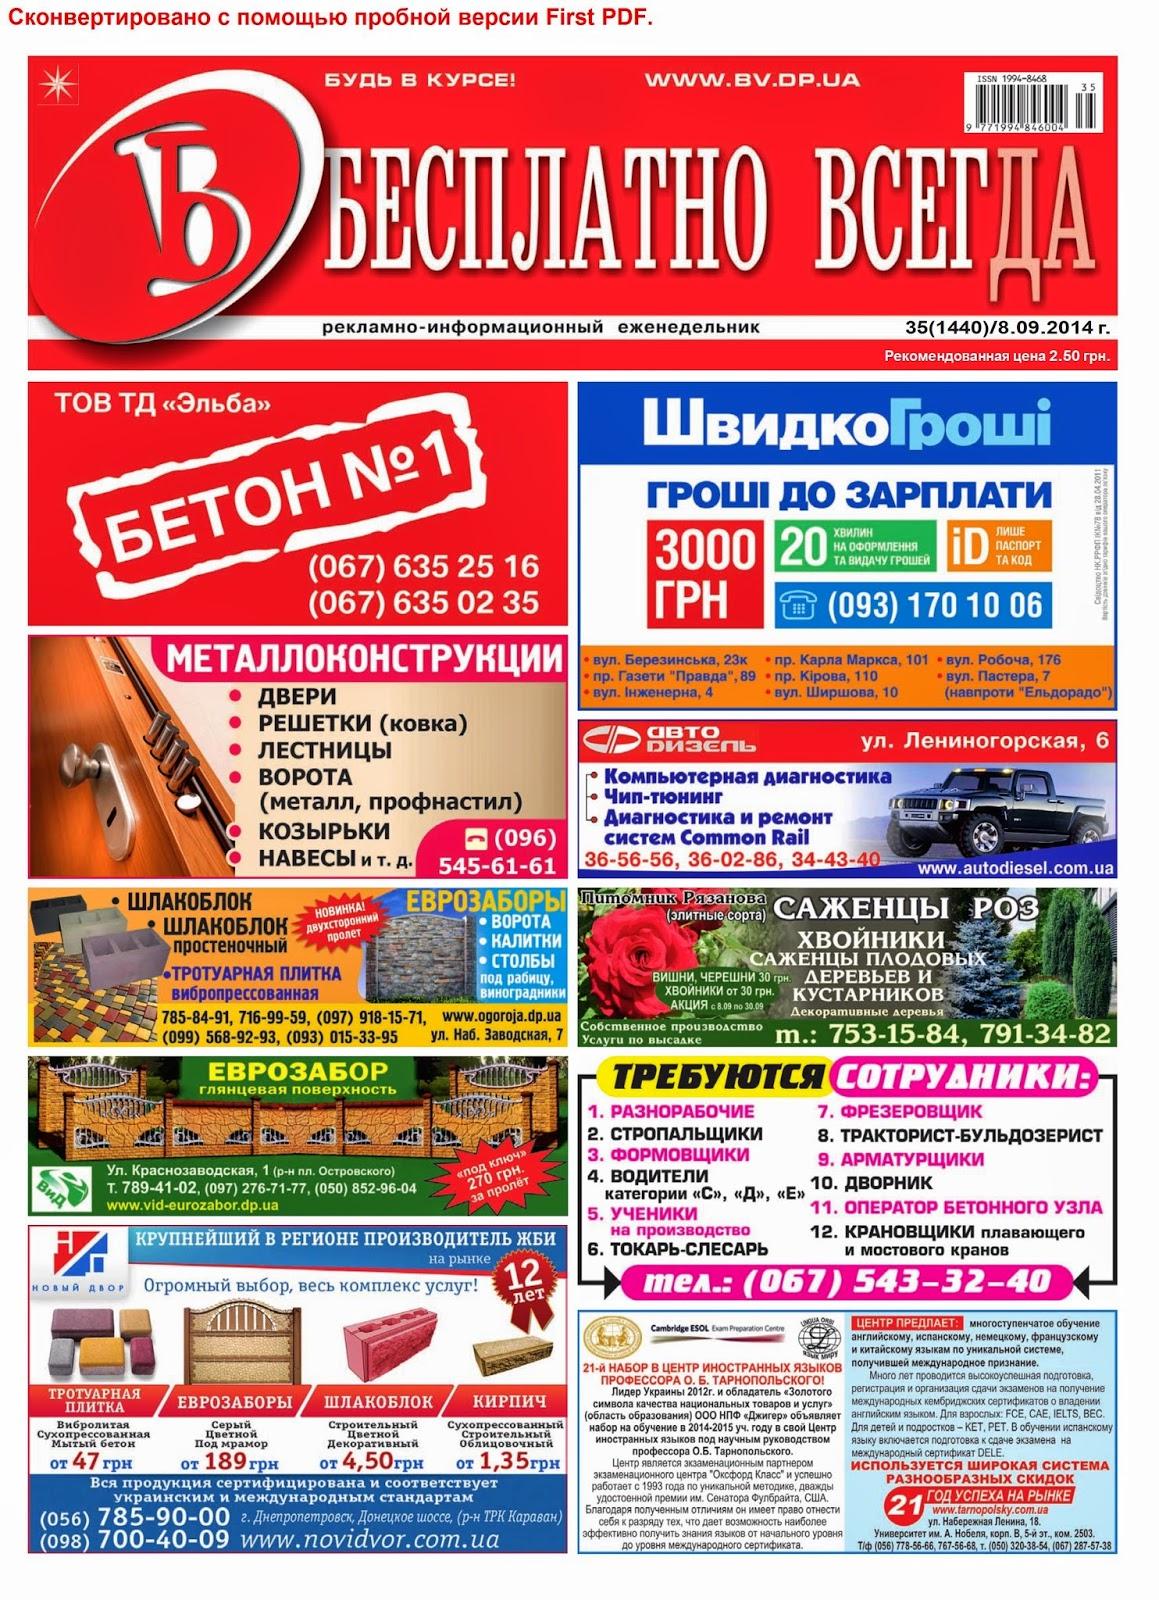 fb8d1fd76fae Бесплатно всегда»- газета объявлений г.Днепропетровск.